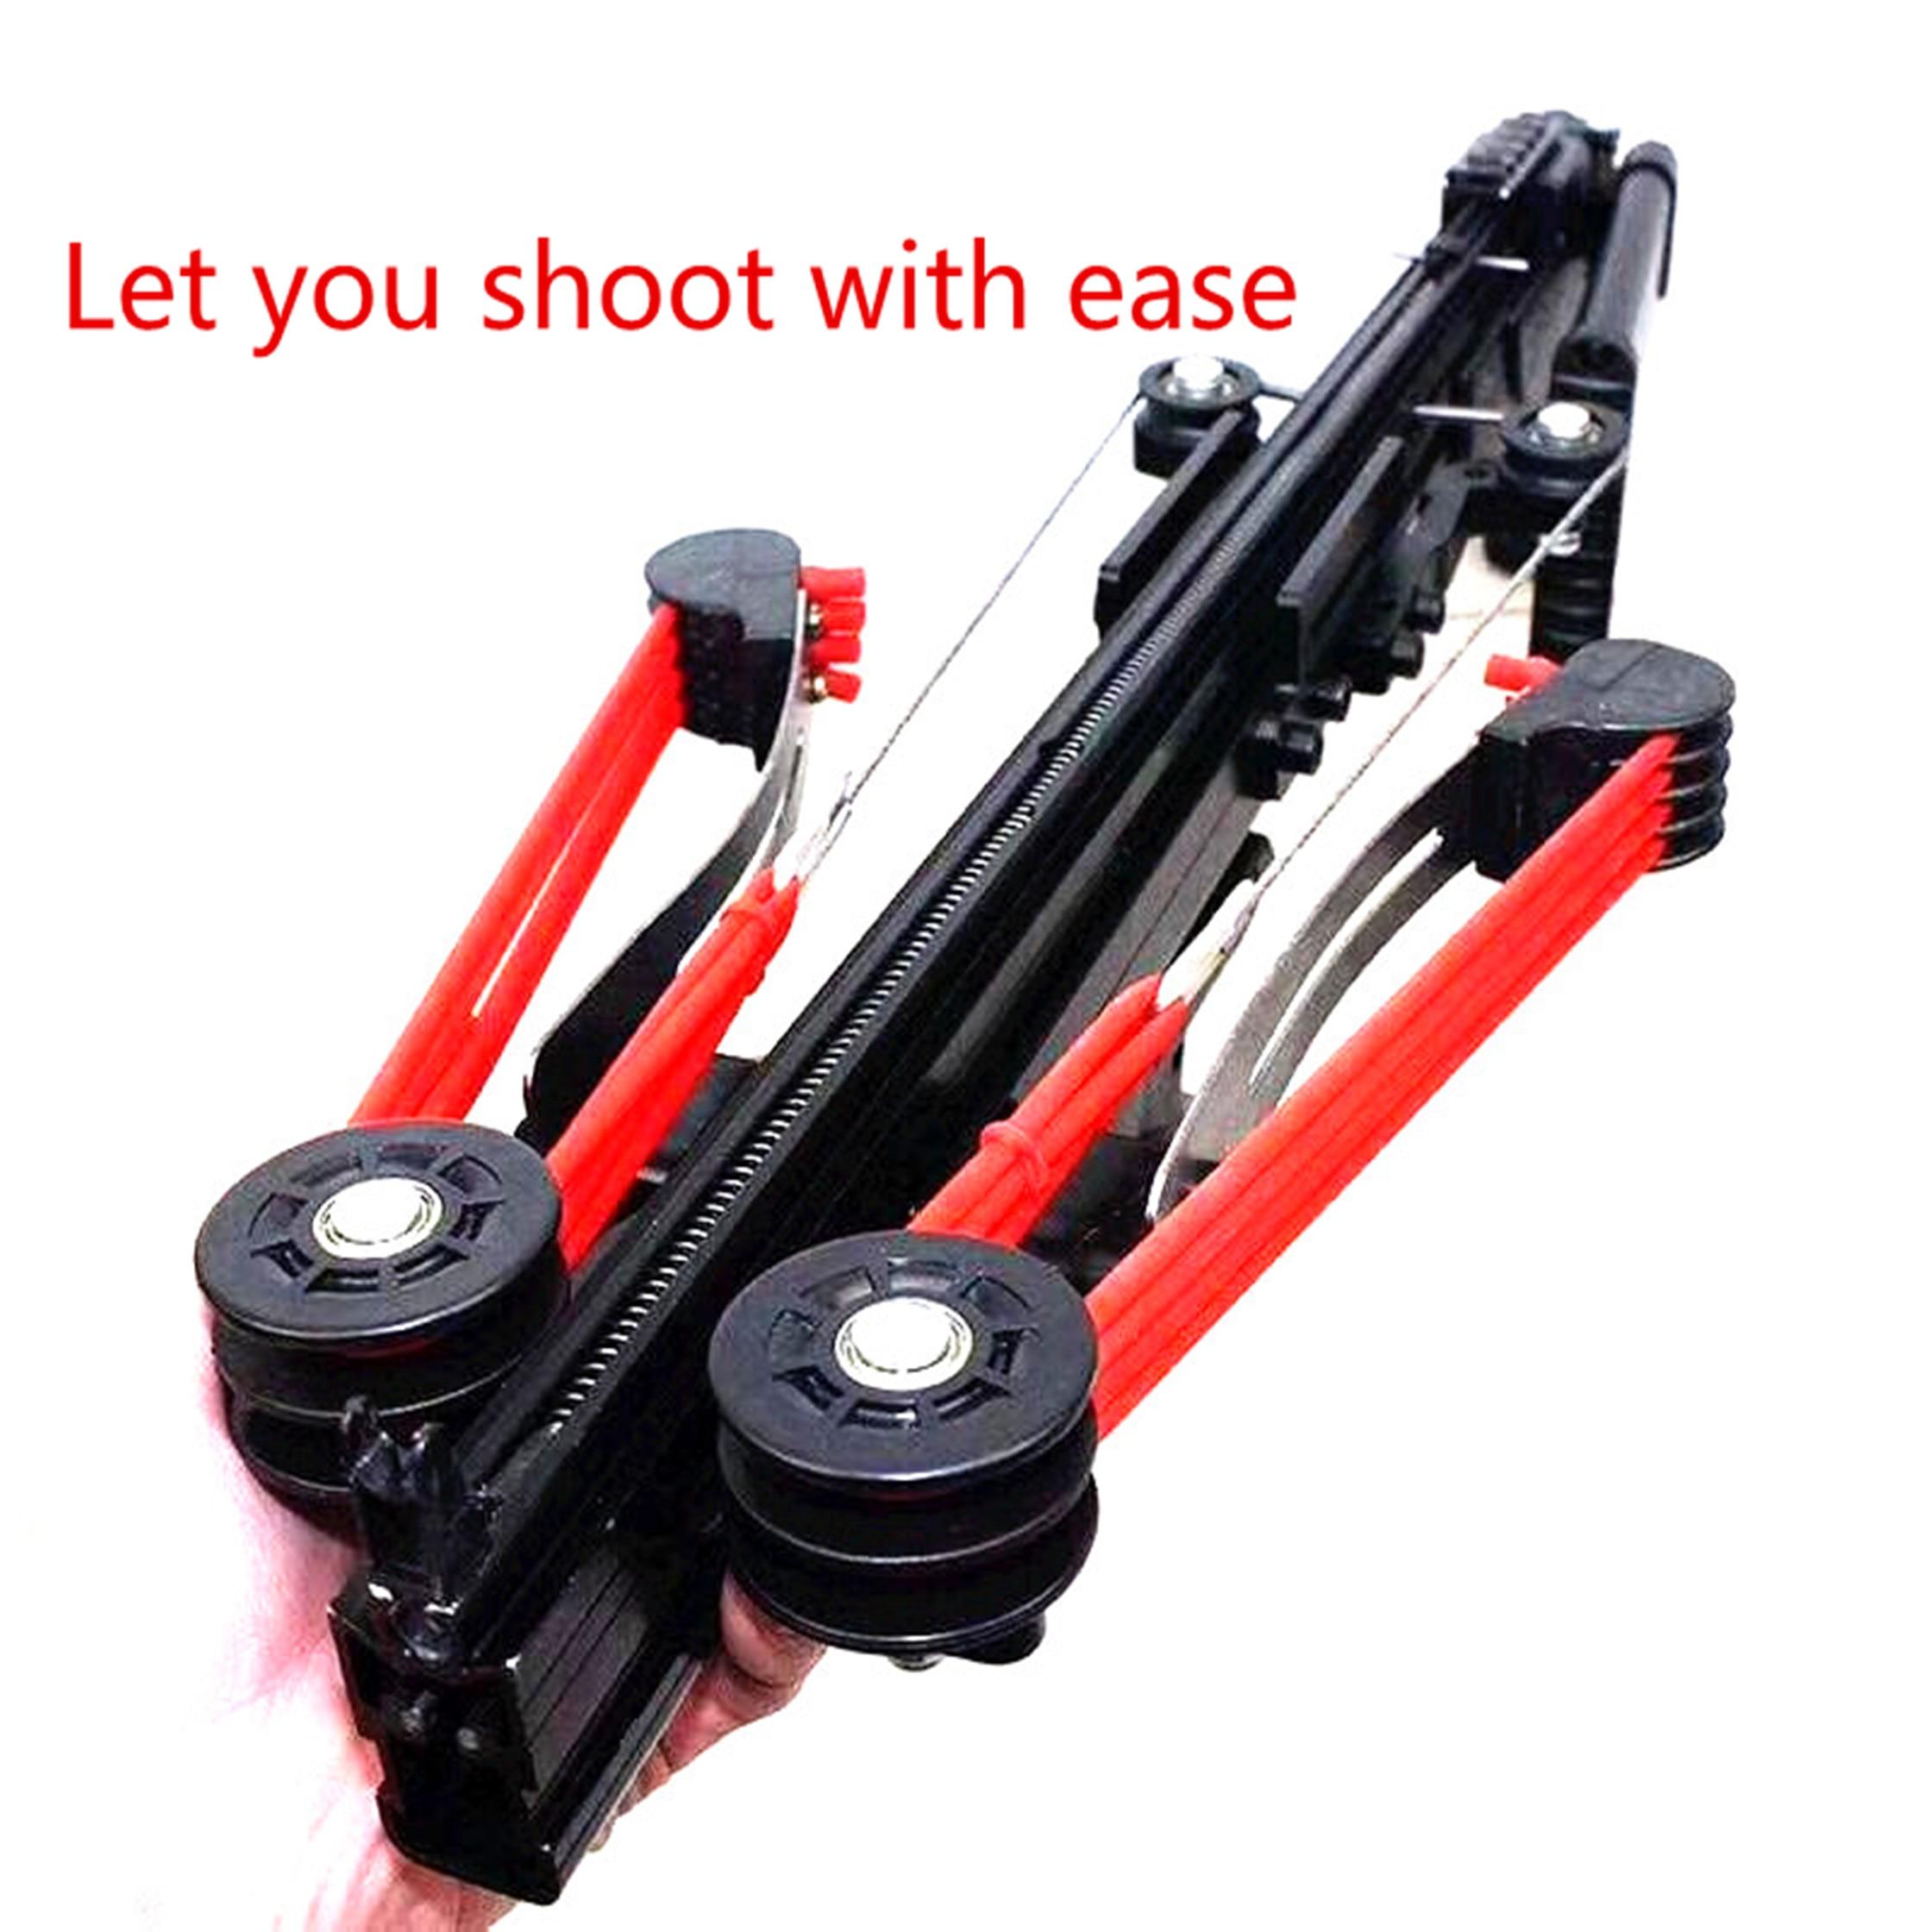 Nettuno 11 Slingshot Tiro 40BB Elastico Tensione Proiettili Caccia Slingshot slingshot Semi-Automatica di scatto Continuo